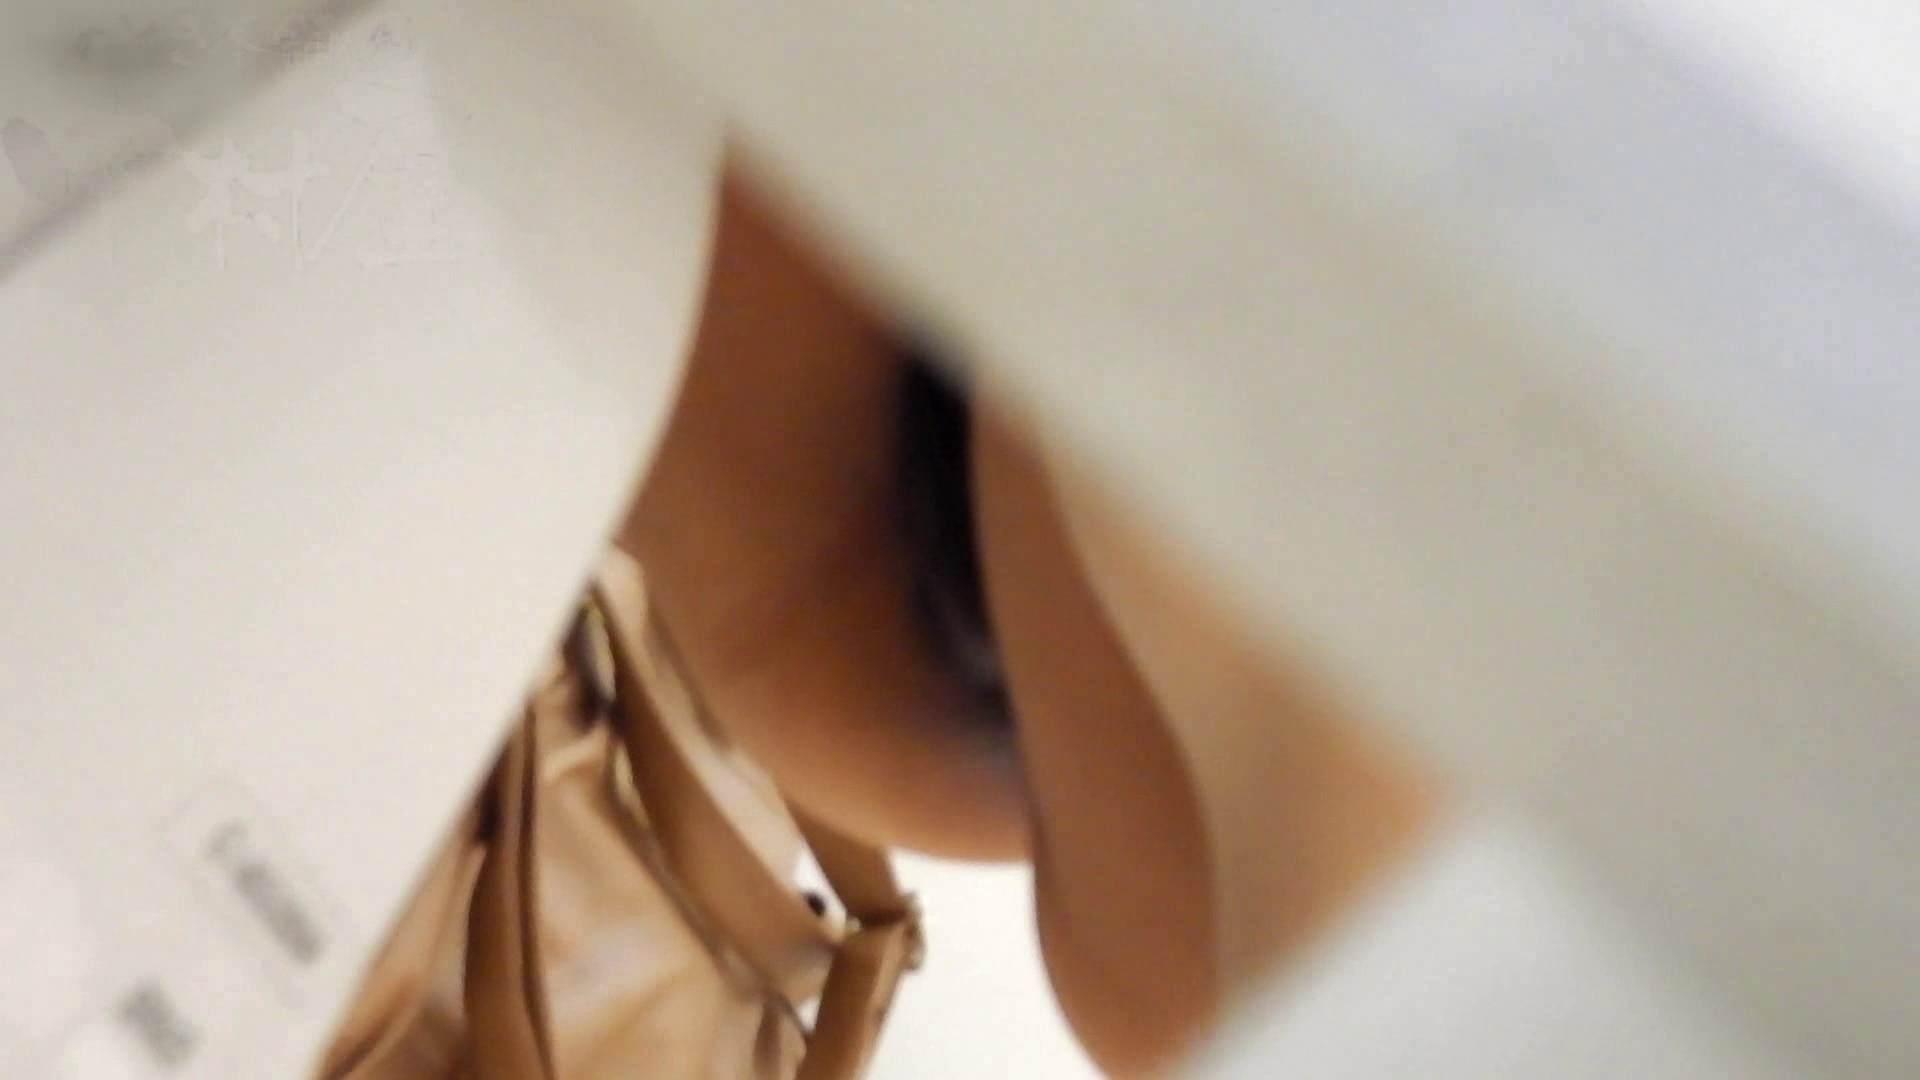 美しい日本の未来 No.08 腕を磨き再発進 放尿 セックス画像 90PICs 9